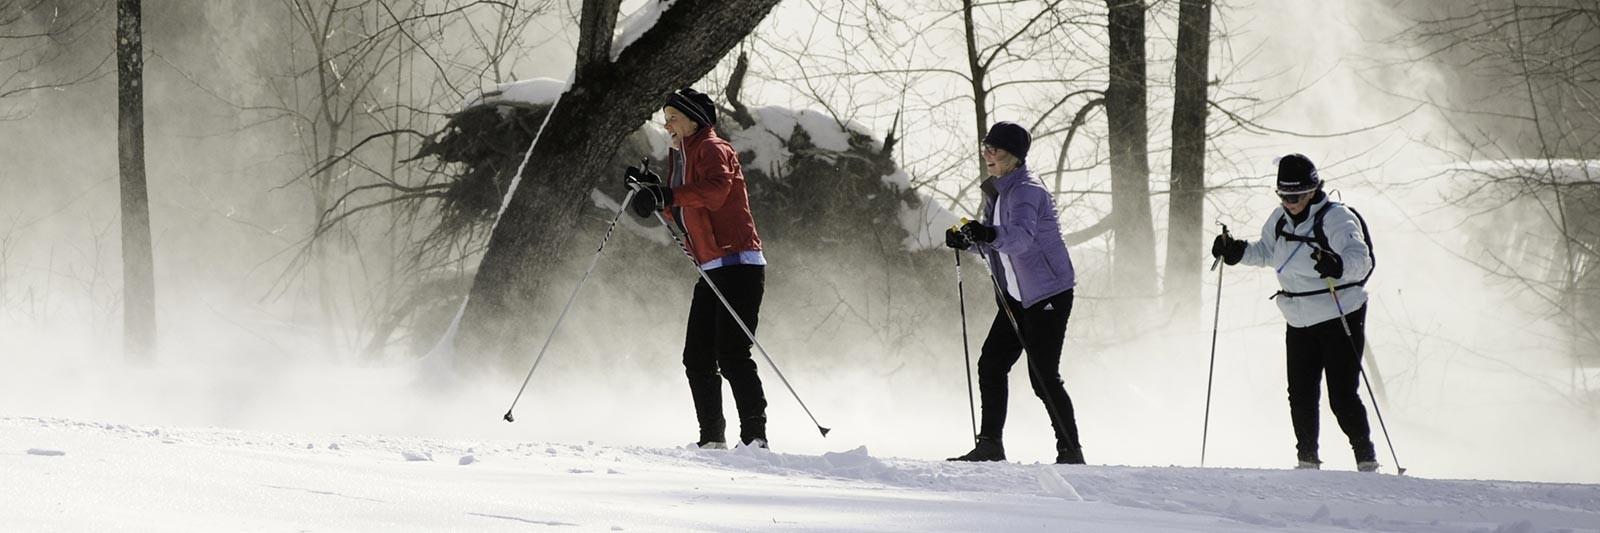 skiing_stay_n_play.jpg